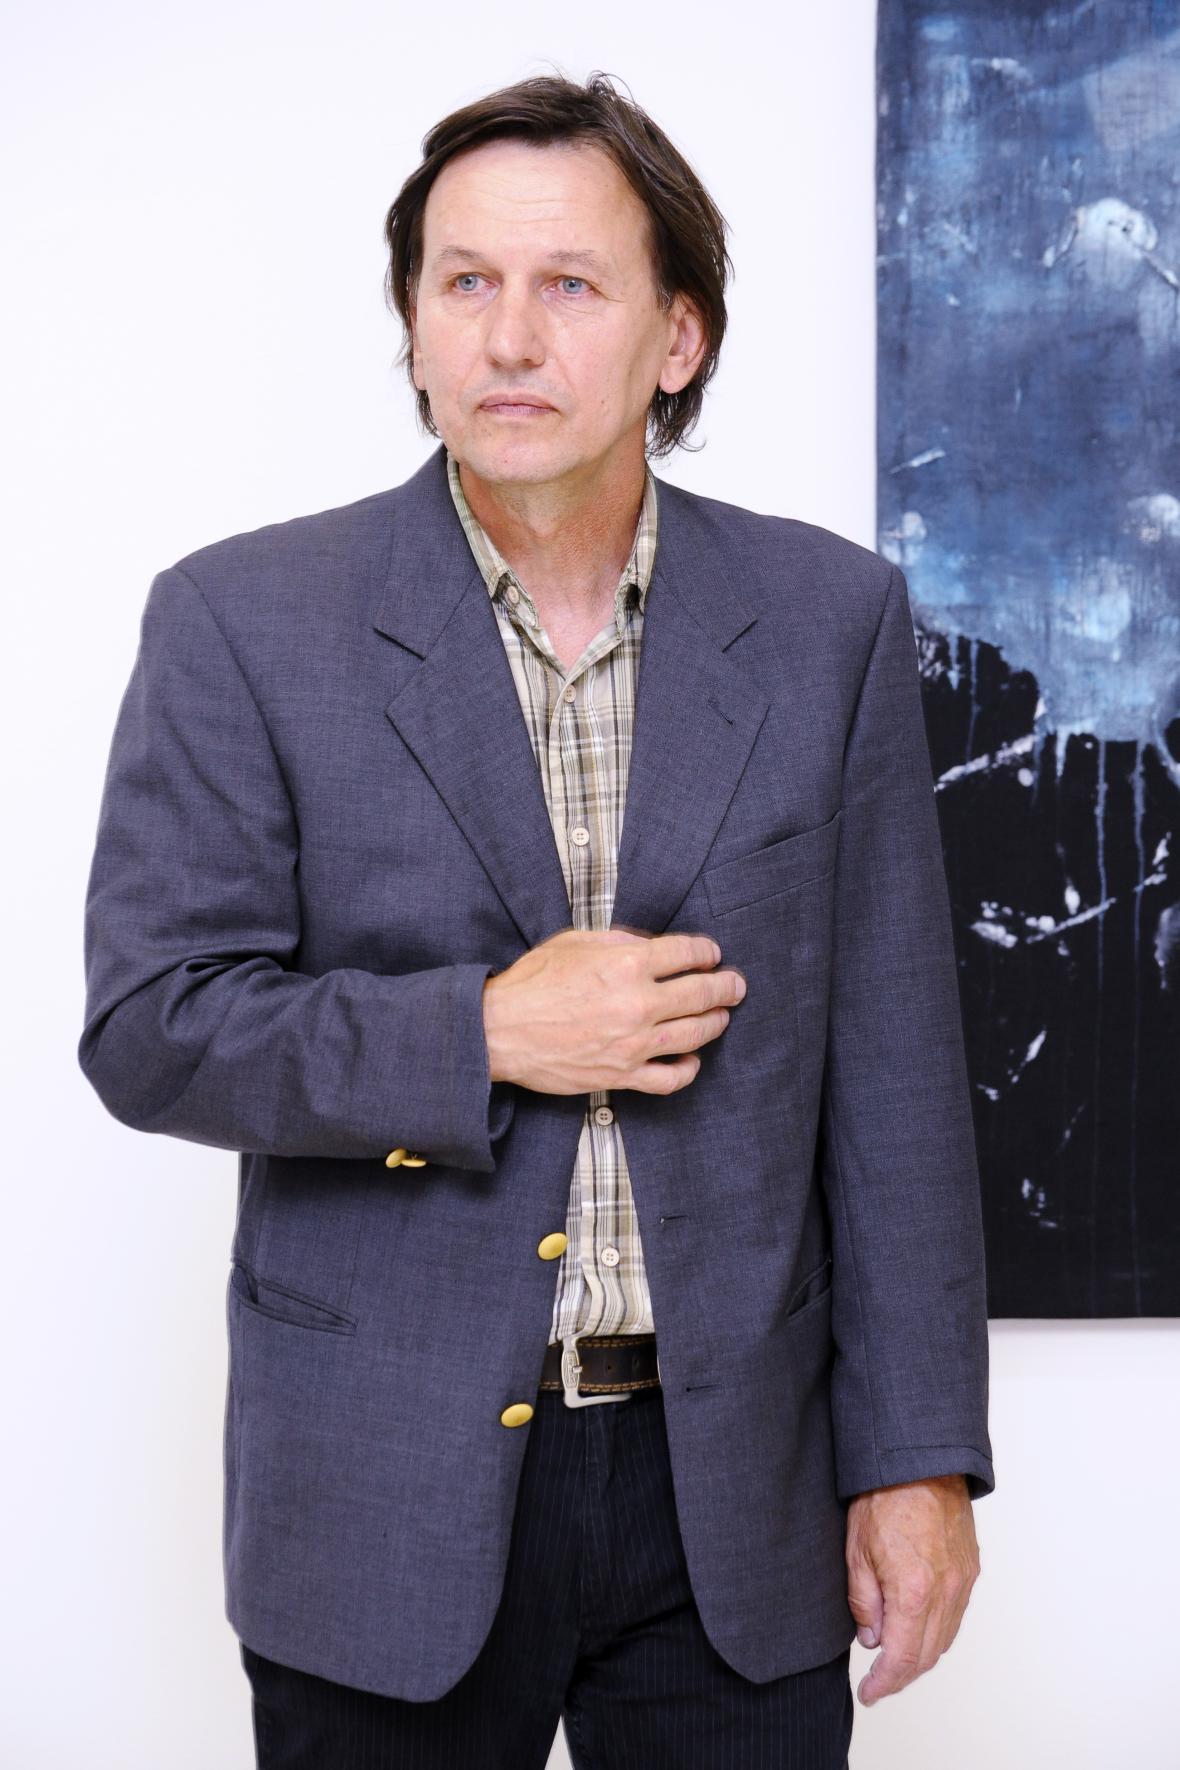 Daniel Balabán